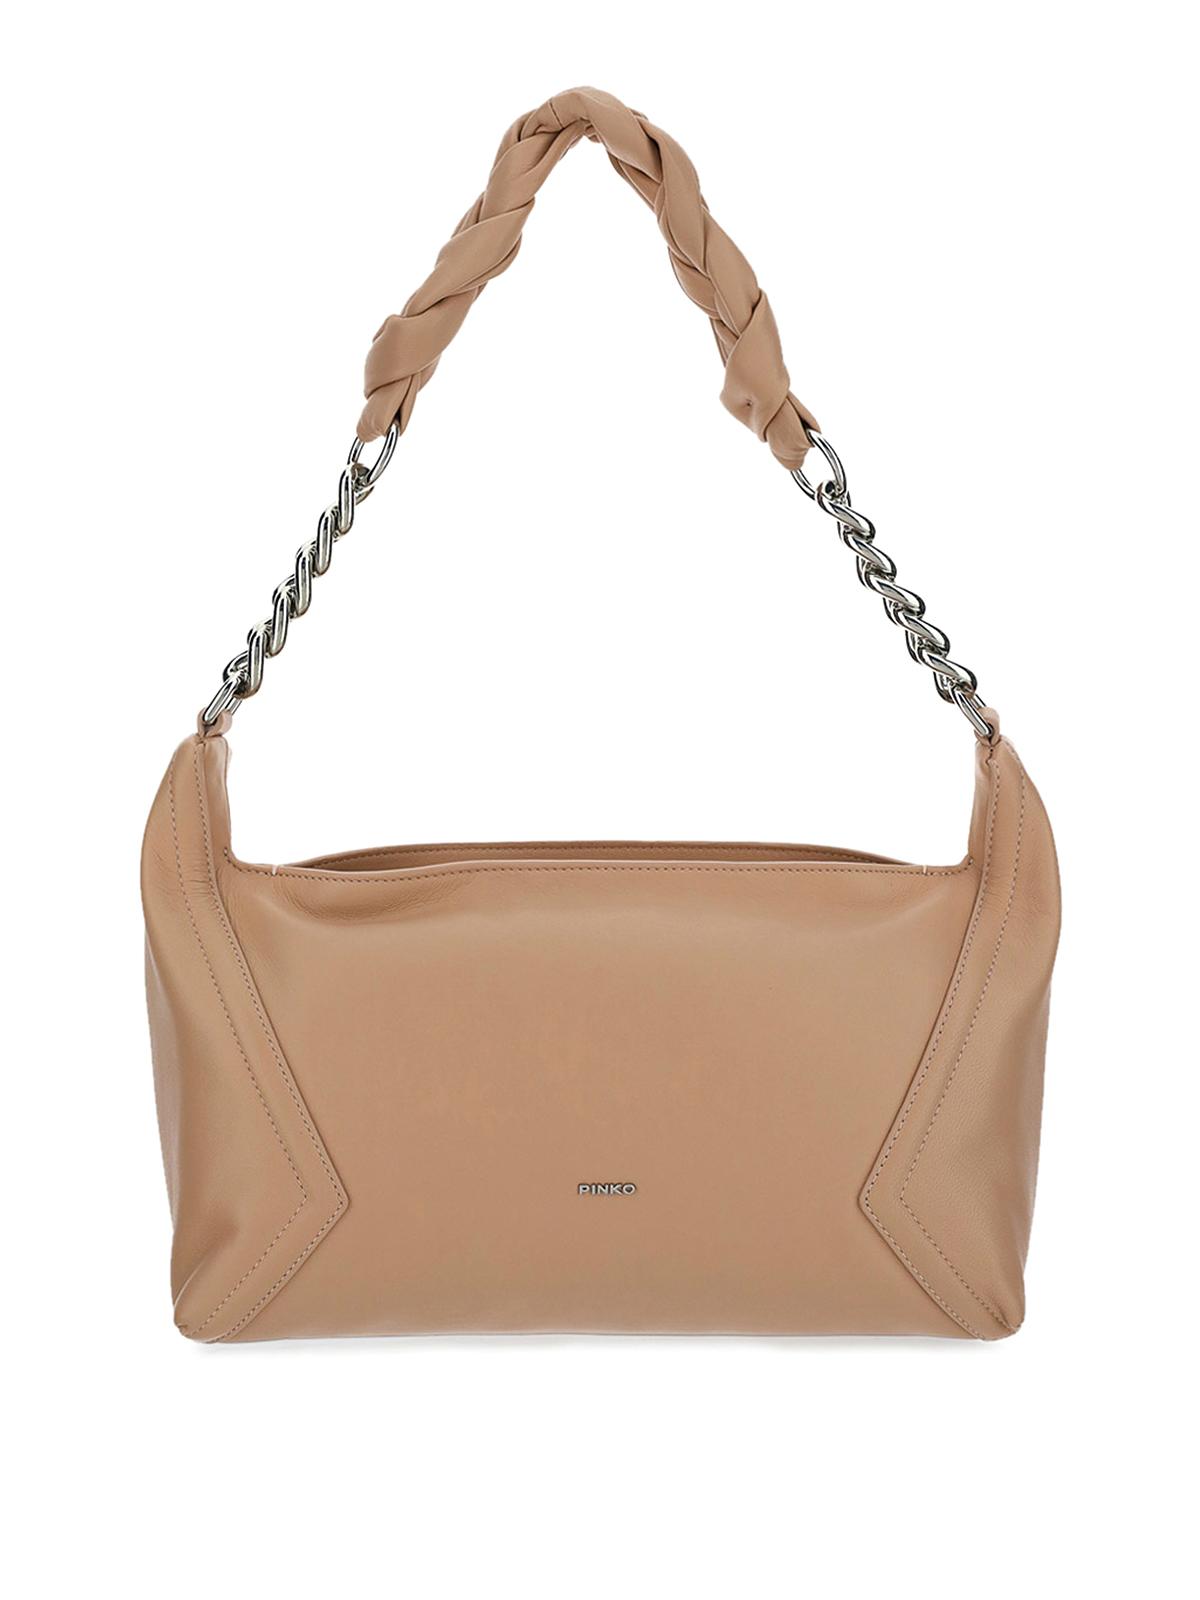 Pinko Leathers MEDIUM HOBO BAG